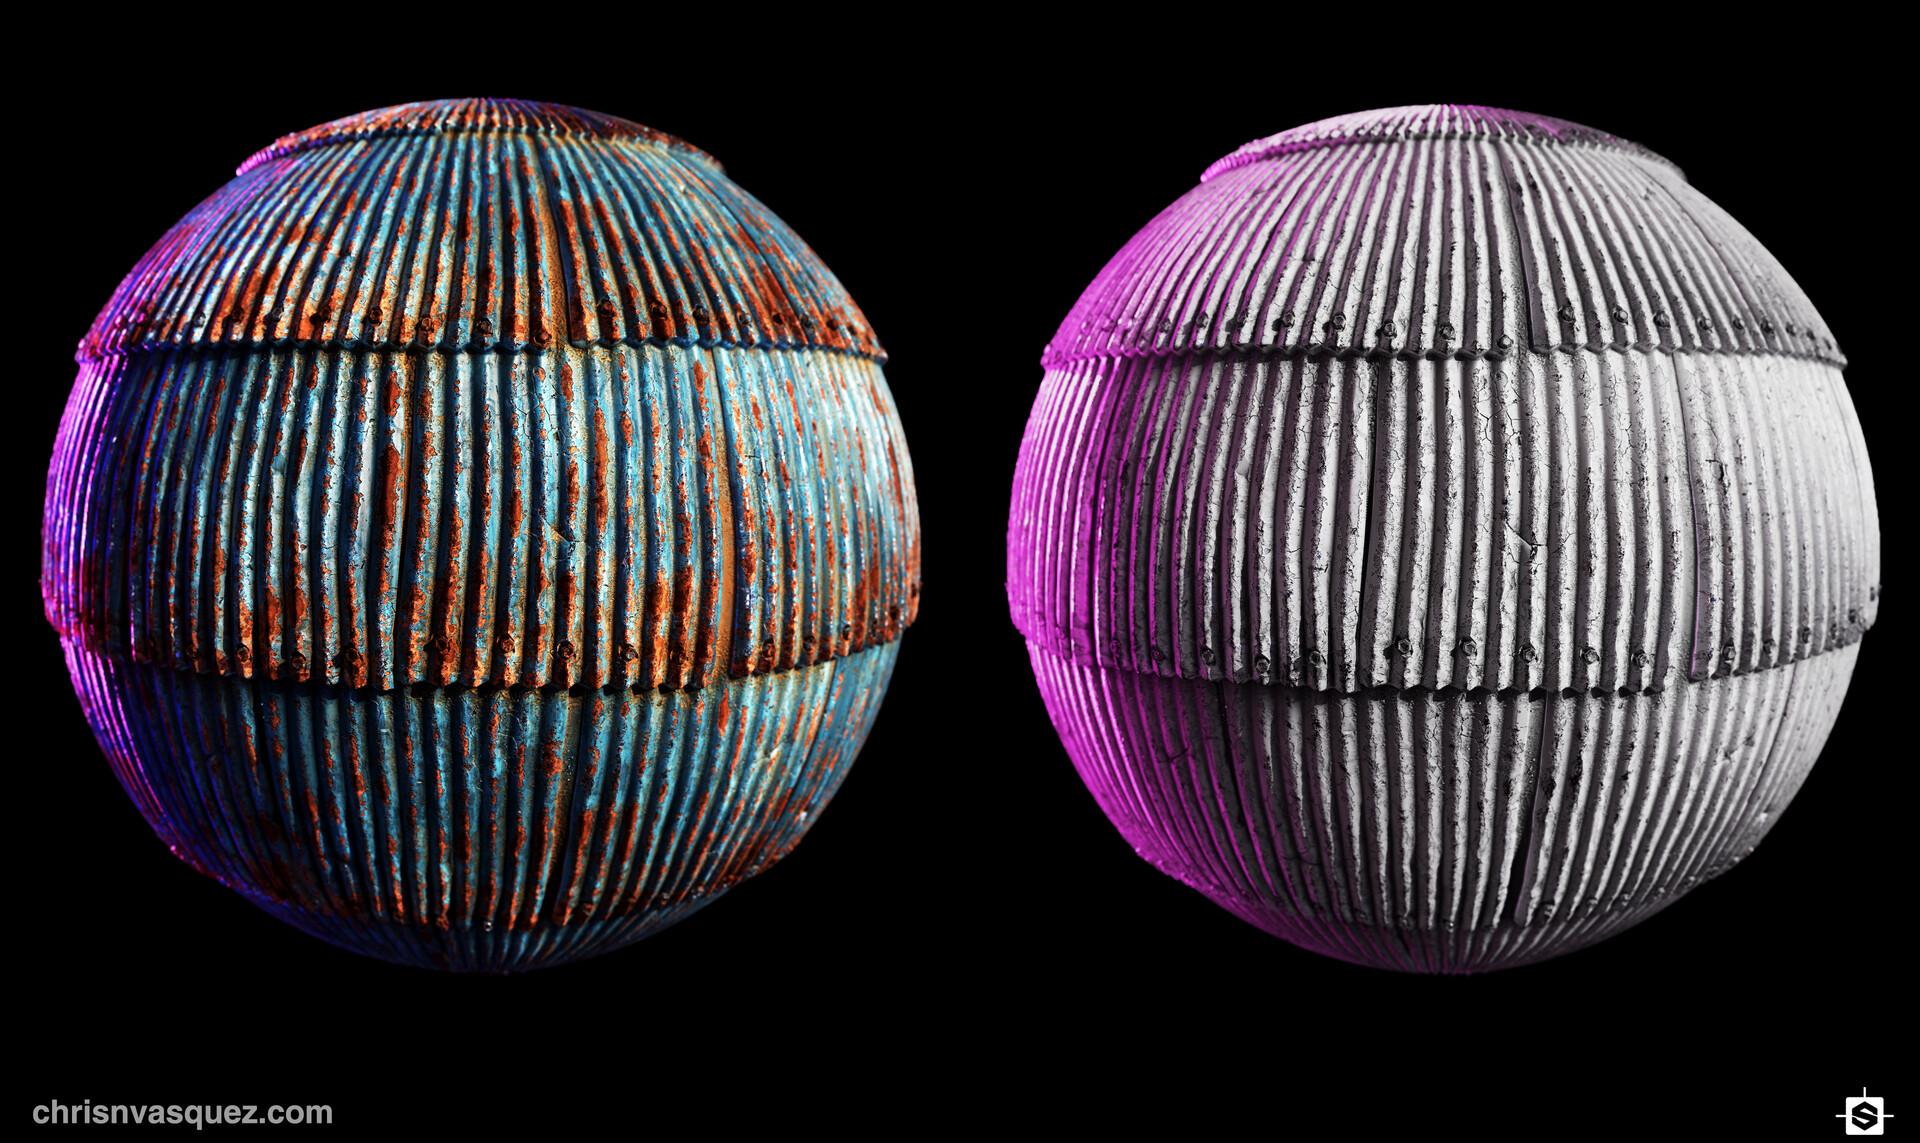 Christian vasquez corrugatedmetal duospheres cv